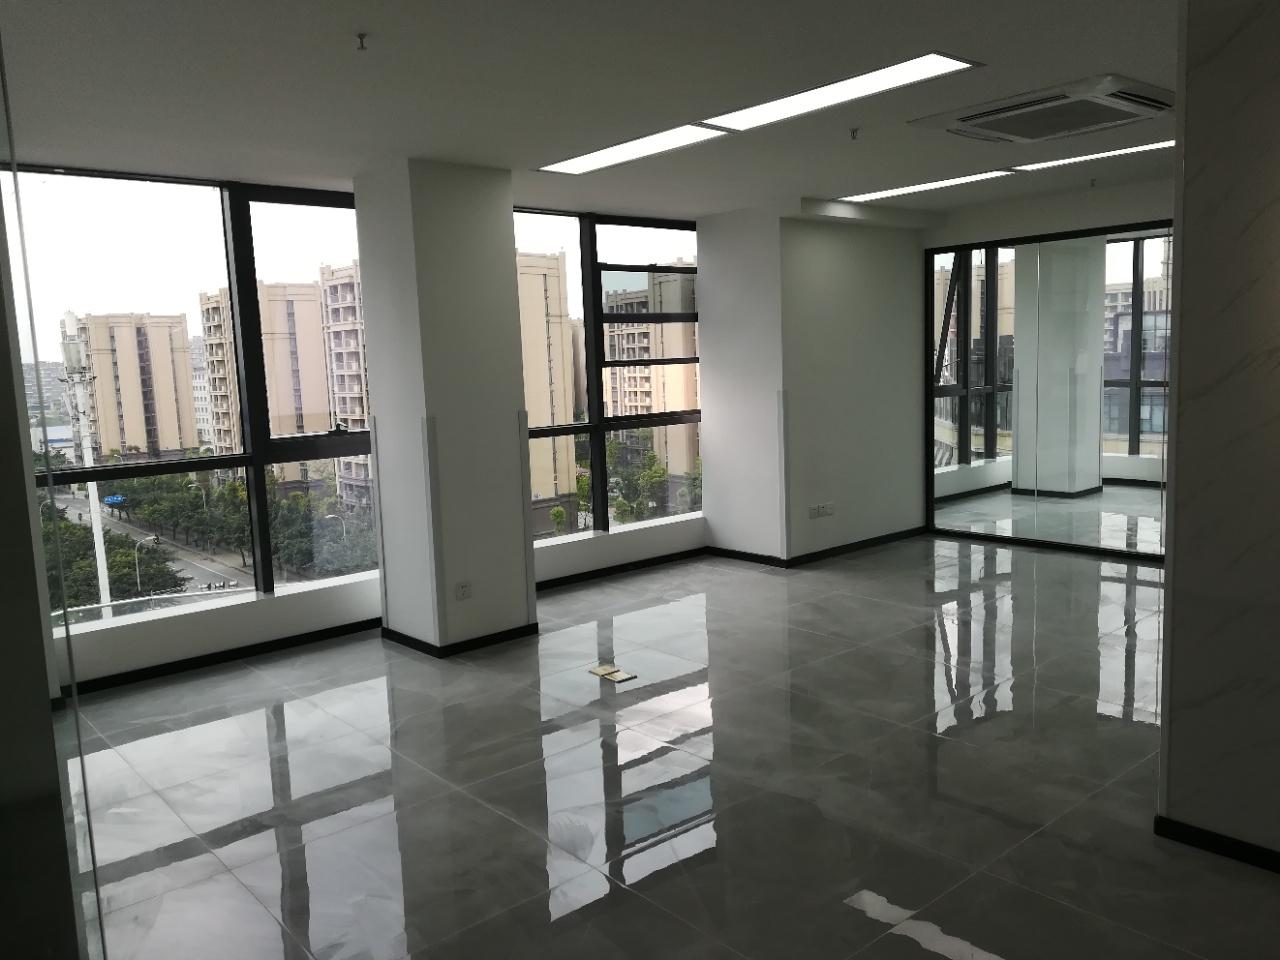 首信红星国际广场 153平米超大开间 装修品质高 超低物业